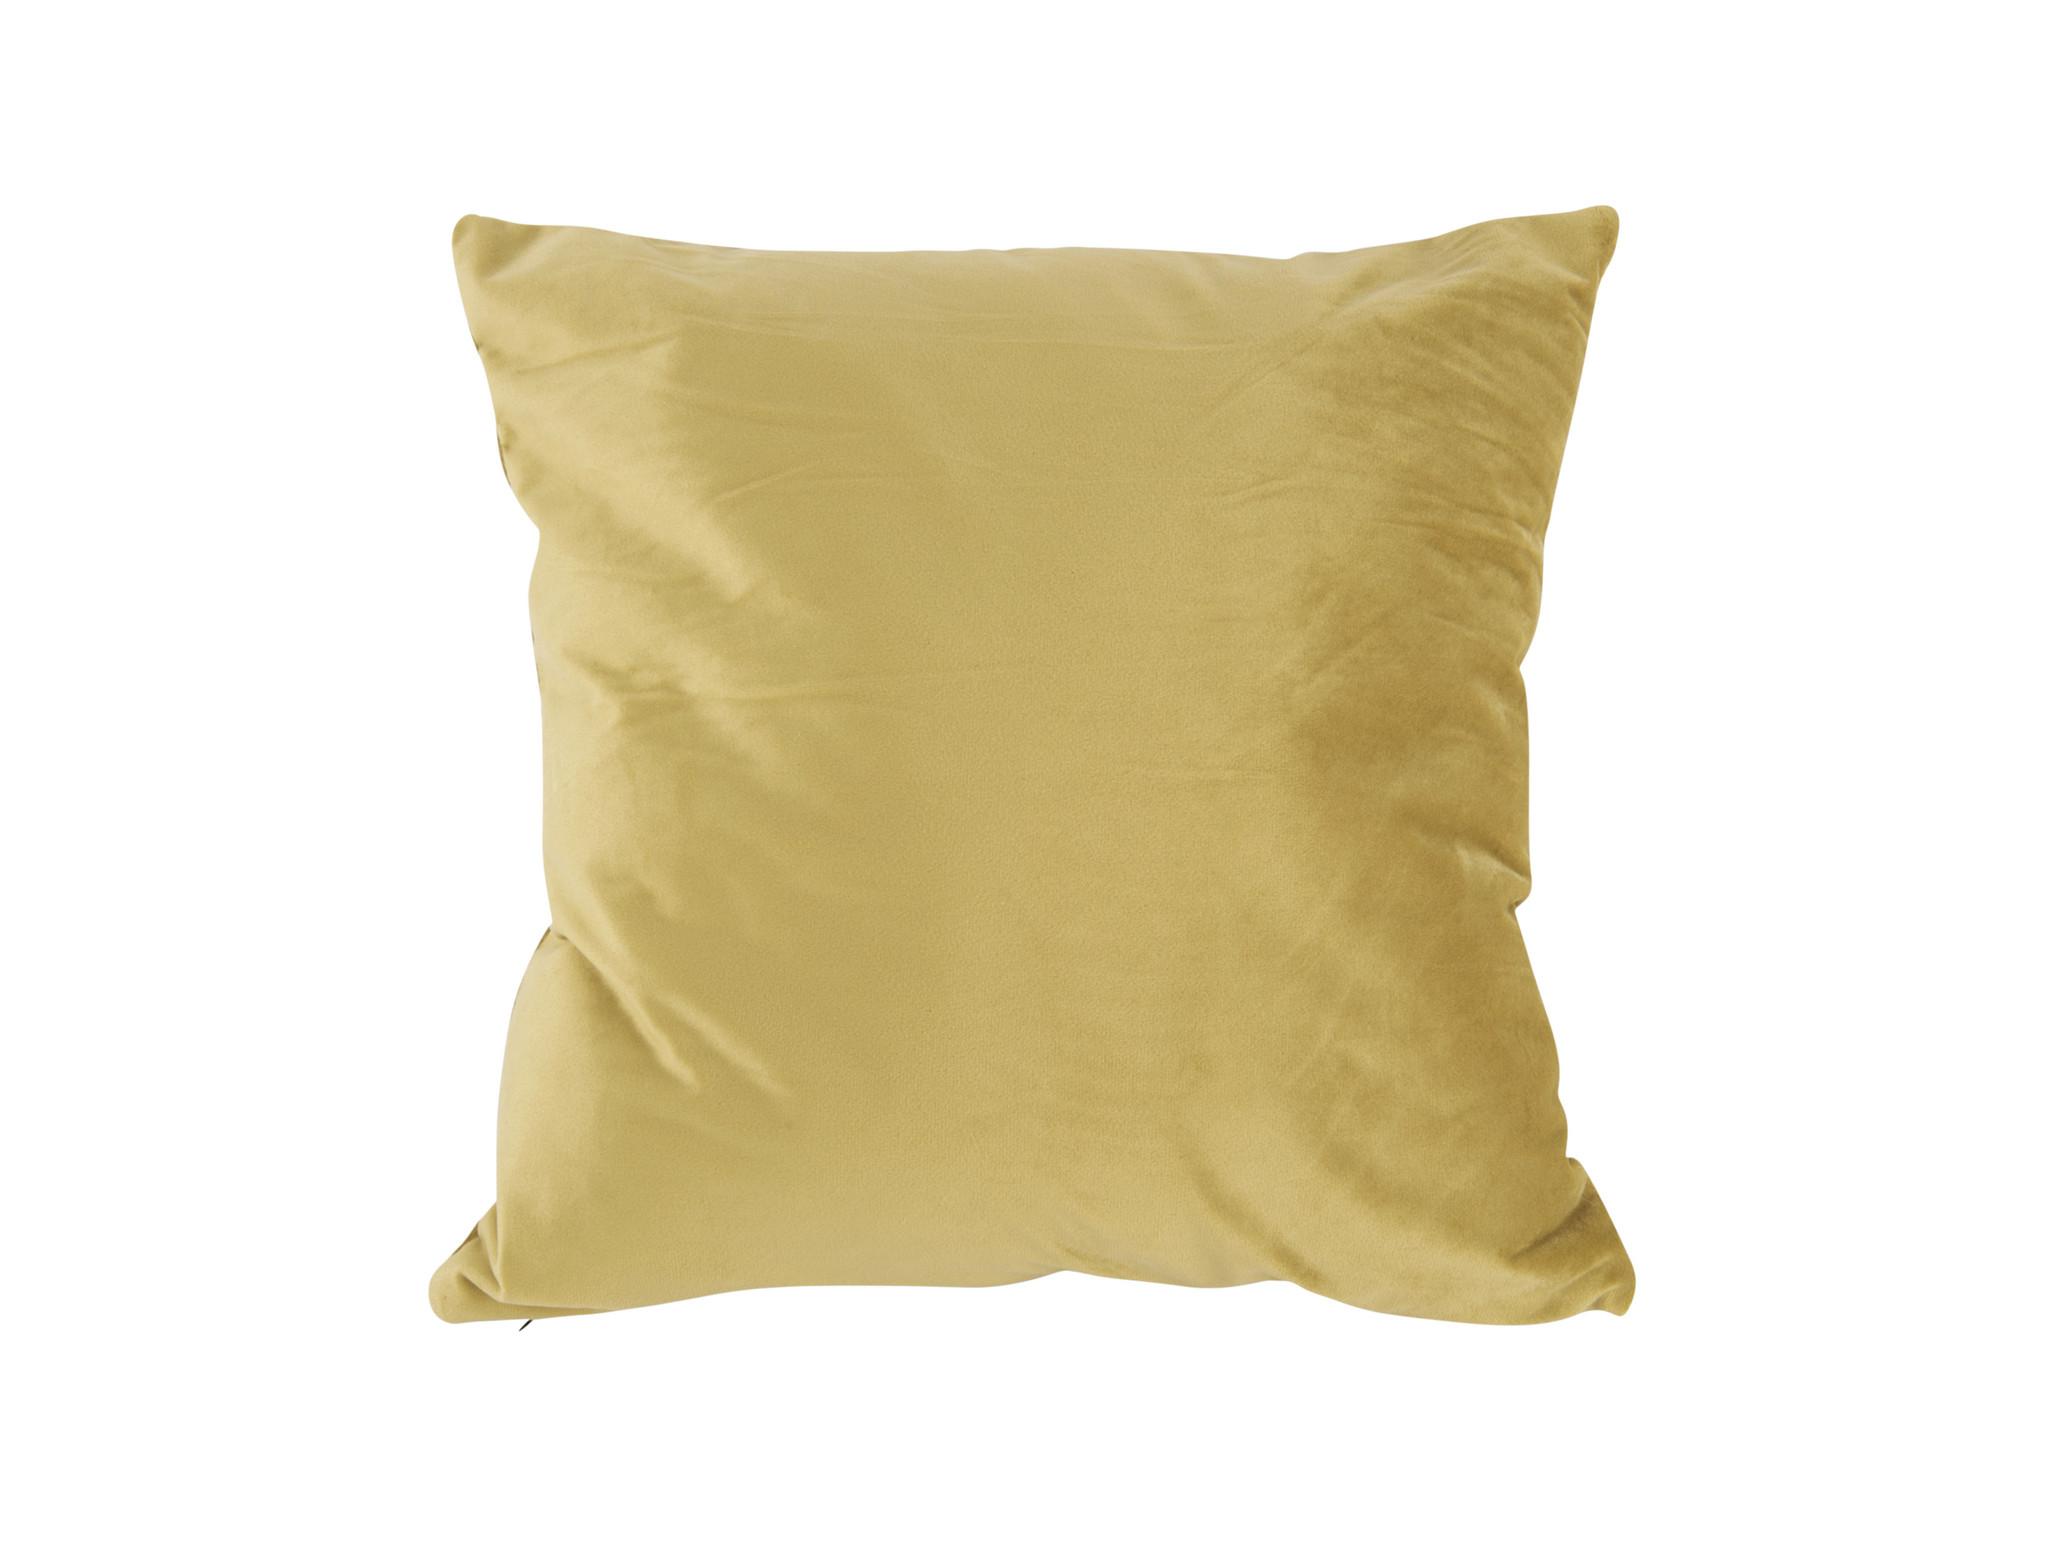 Present Time Cushion Tender velvet olive green 40 x 40 cm    -